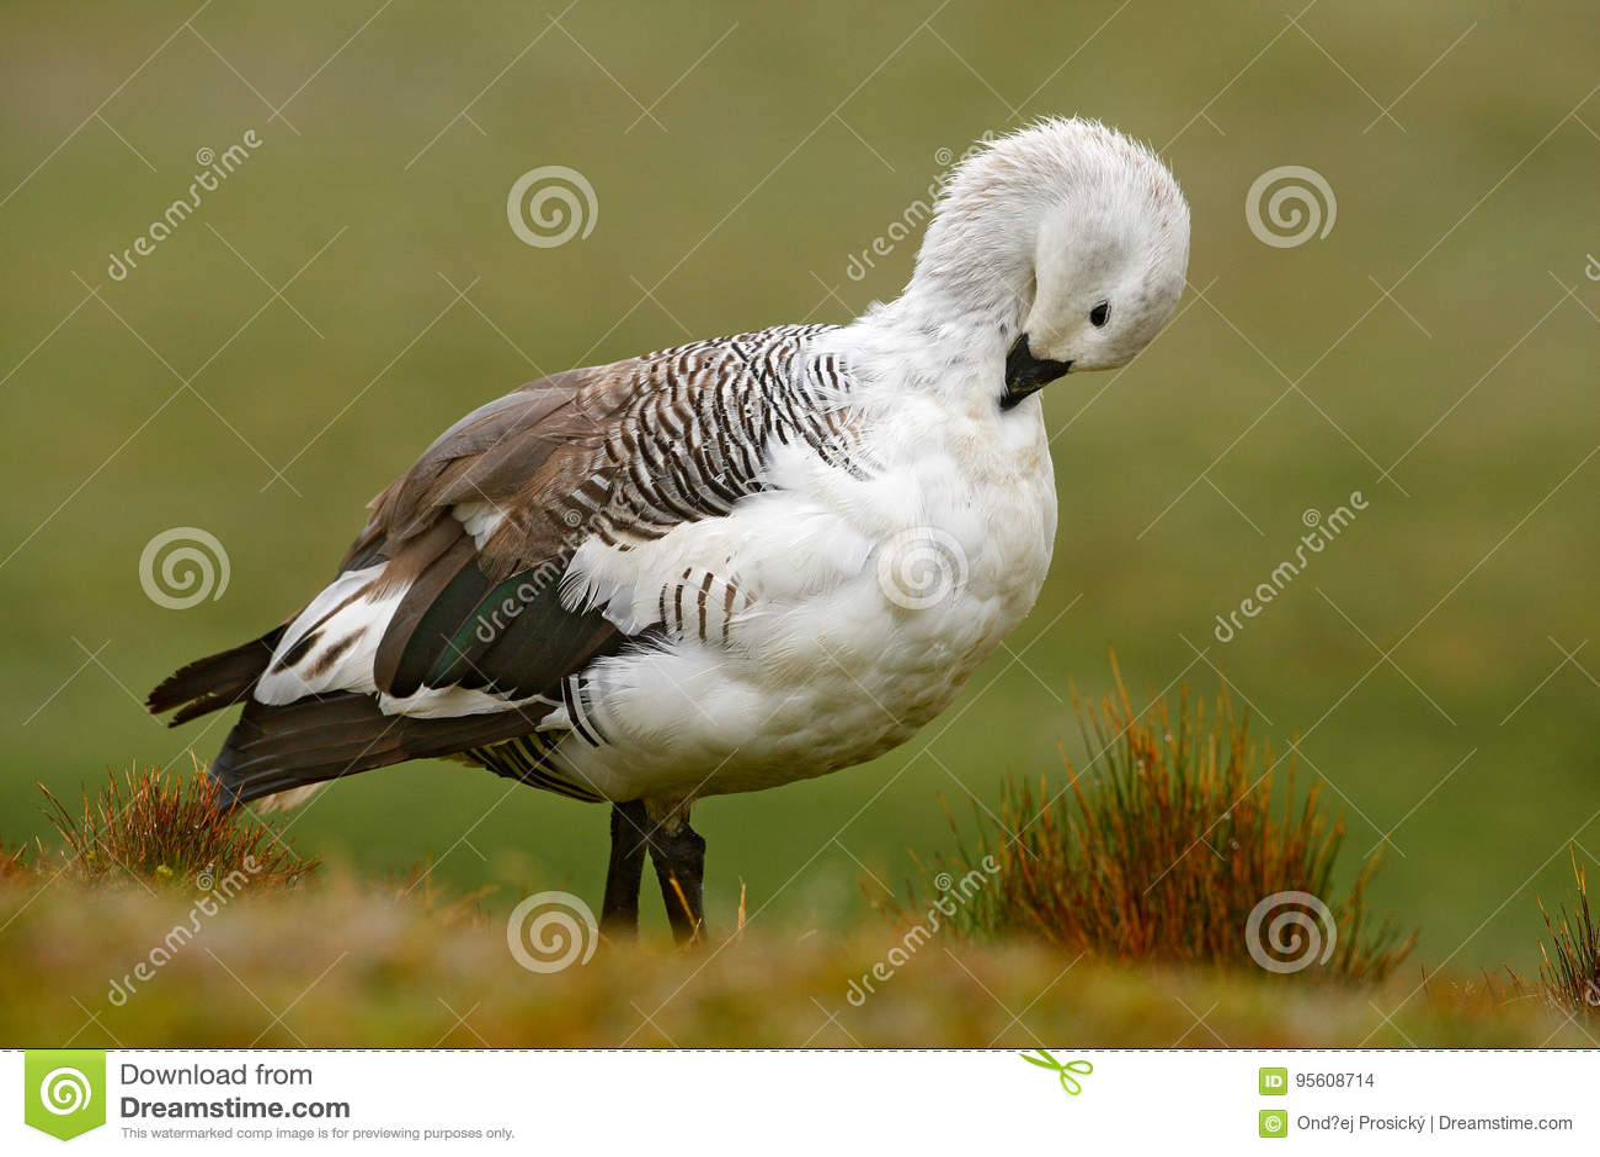 Белая птица с длинной шеей Белая гусыня в траве Белая птица в зеленой траве Гусына в траве Одичалая белая гусыня нагорья, c